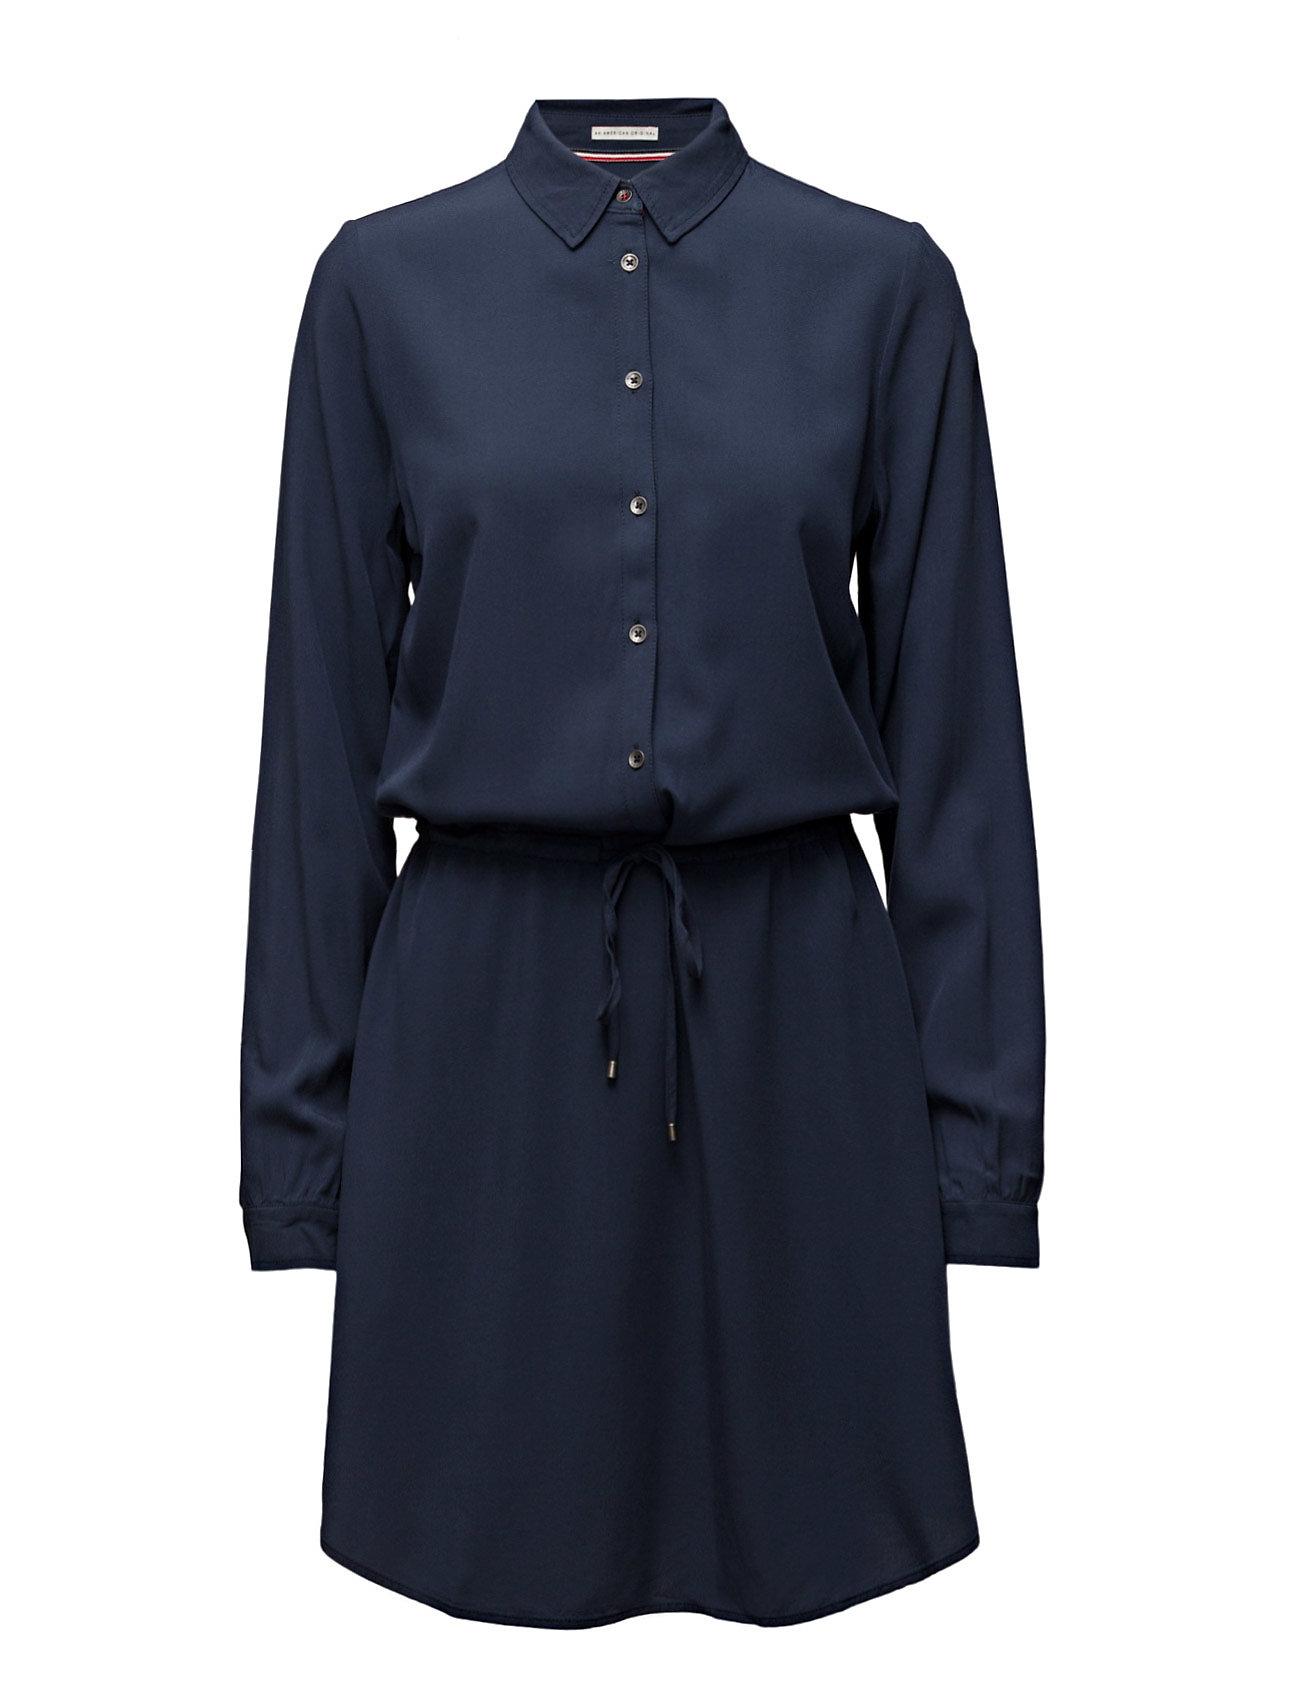 Thdw Basic Shirt Dress L/S 11 Hilfiger Denim Knælange & mellemlange til Damer i Blå